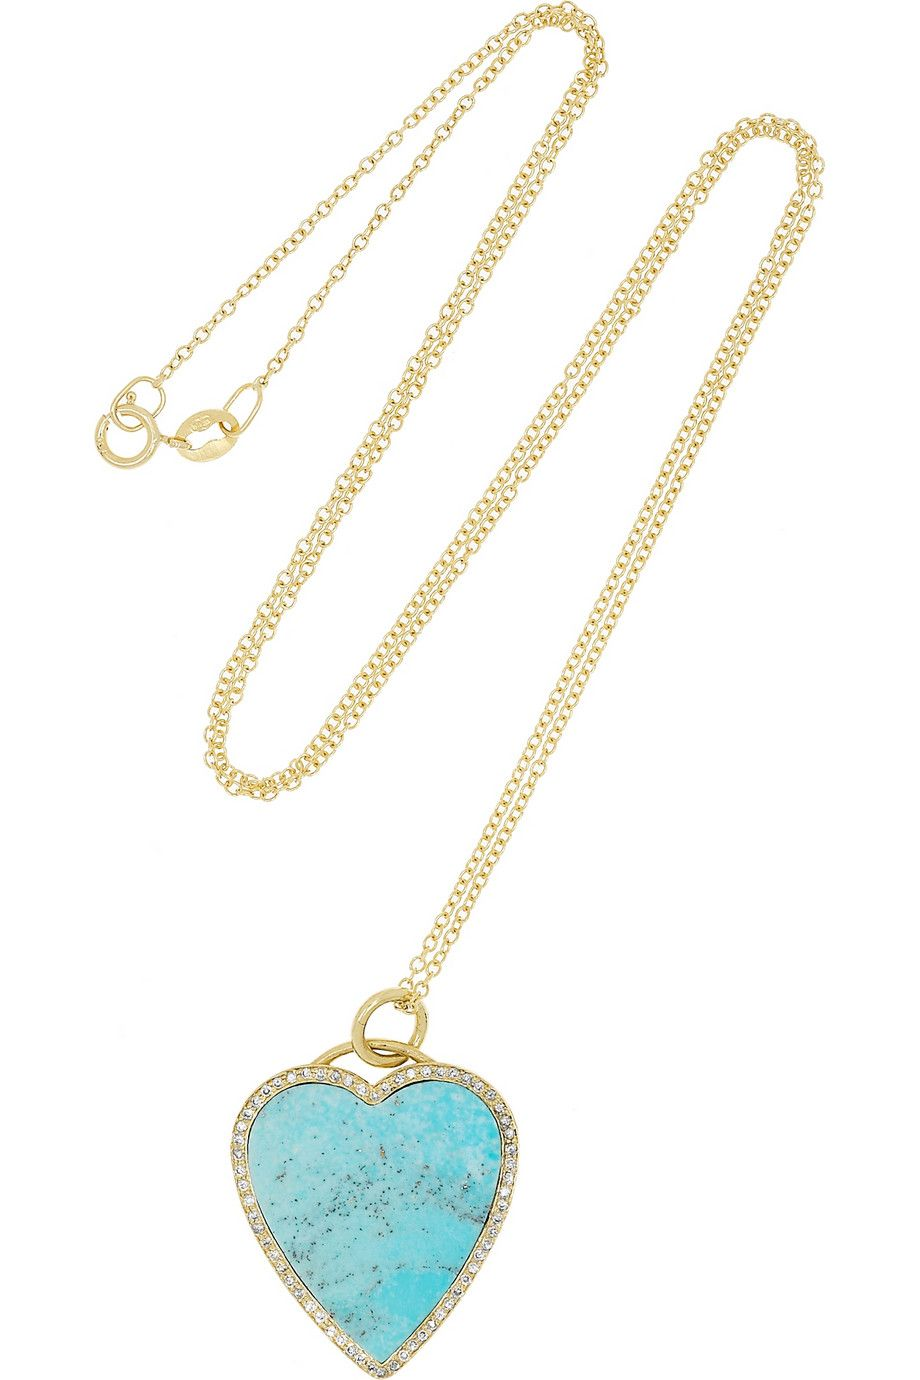 18-karat Gold, Diamond And Opal Necklace - one size Jennifer Meyer